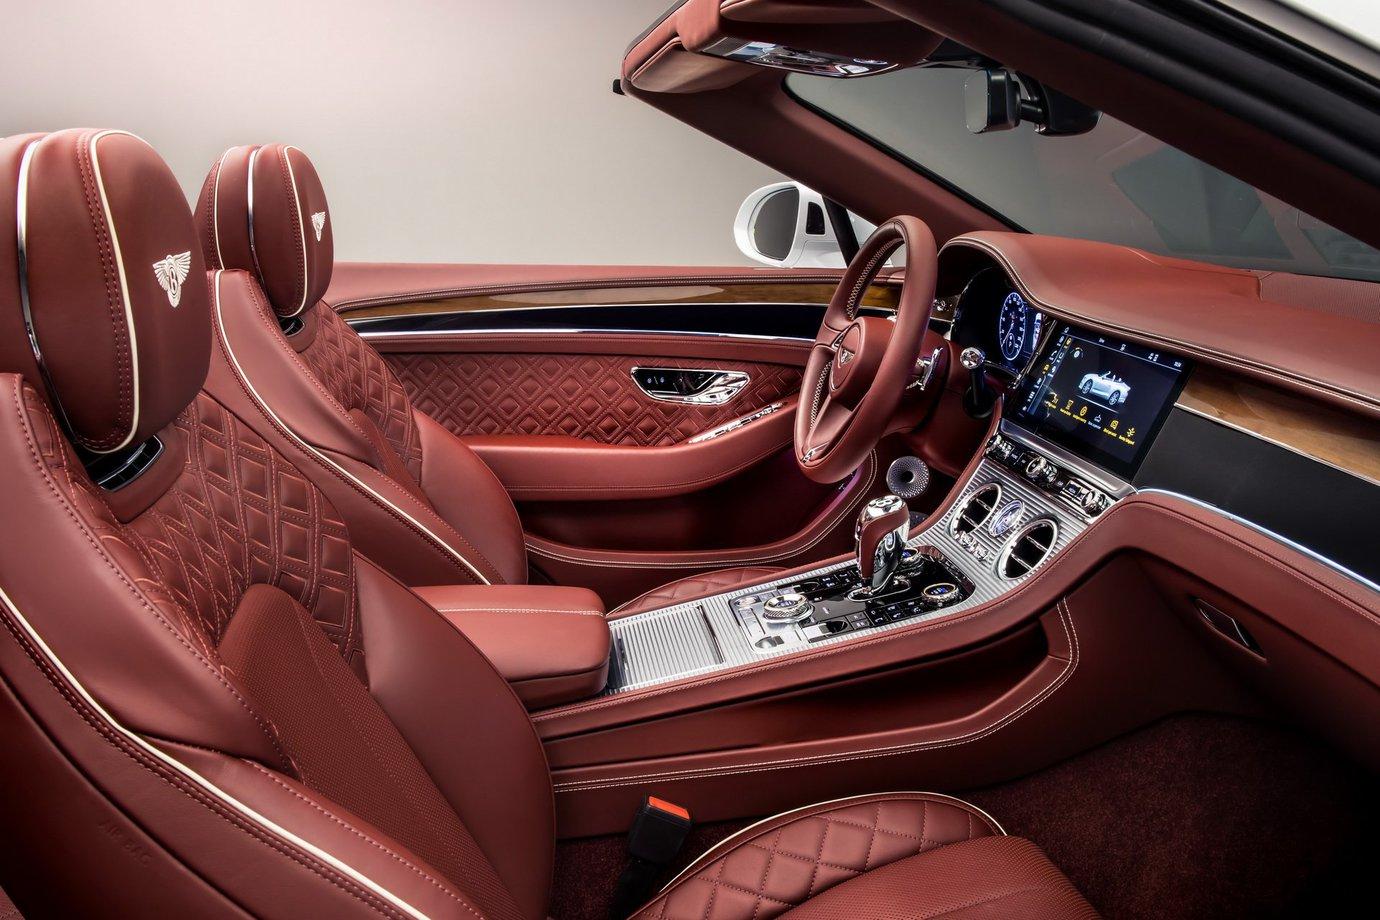 69195af470d0 Jedno z najbardziej luksusowych Gran Turismo na świecie właśnie  zadebiutowało w otwartej wersji. To idealna propozycja dla  najzamożniejszych wielbicieli ...